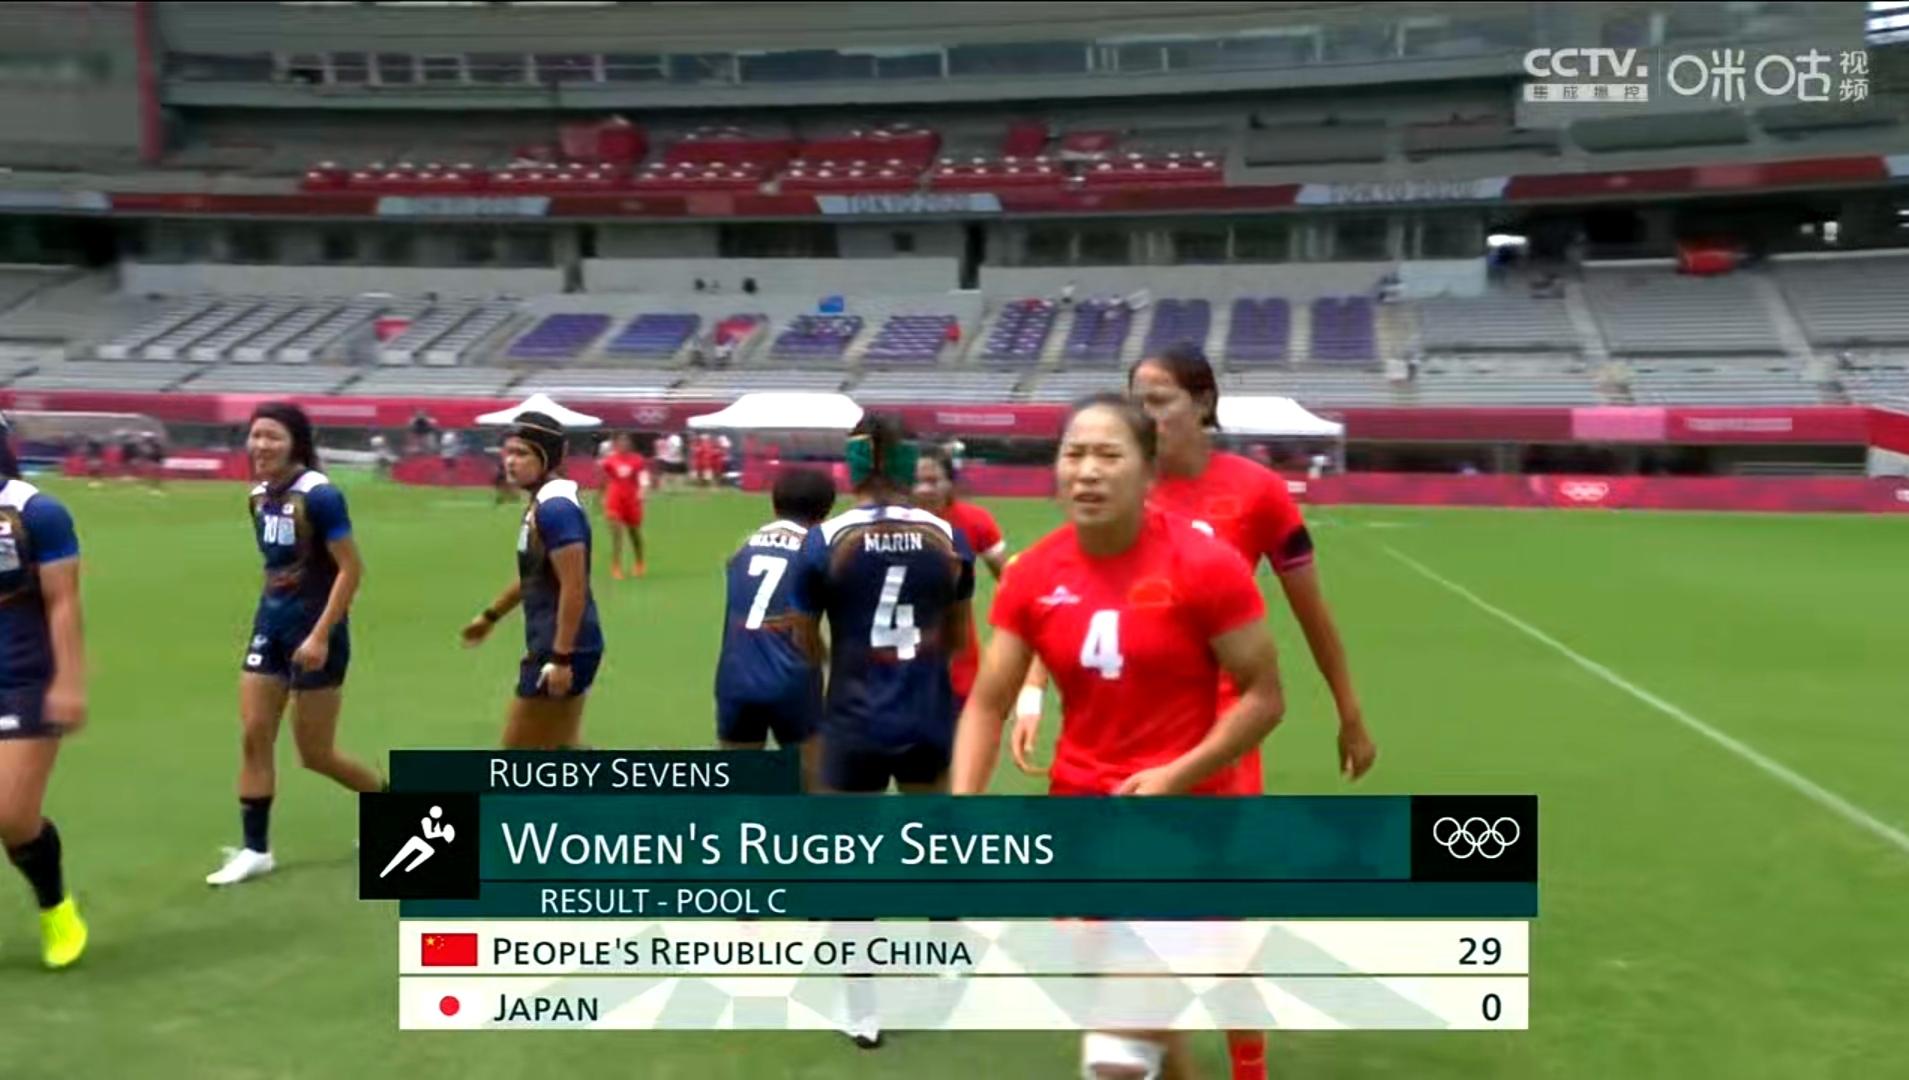 大胜日本 中国女子橄榄球队赢得出线生死战图片